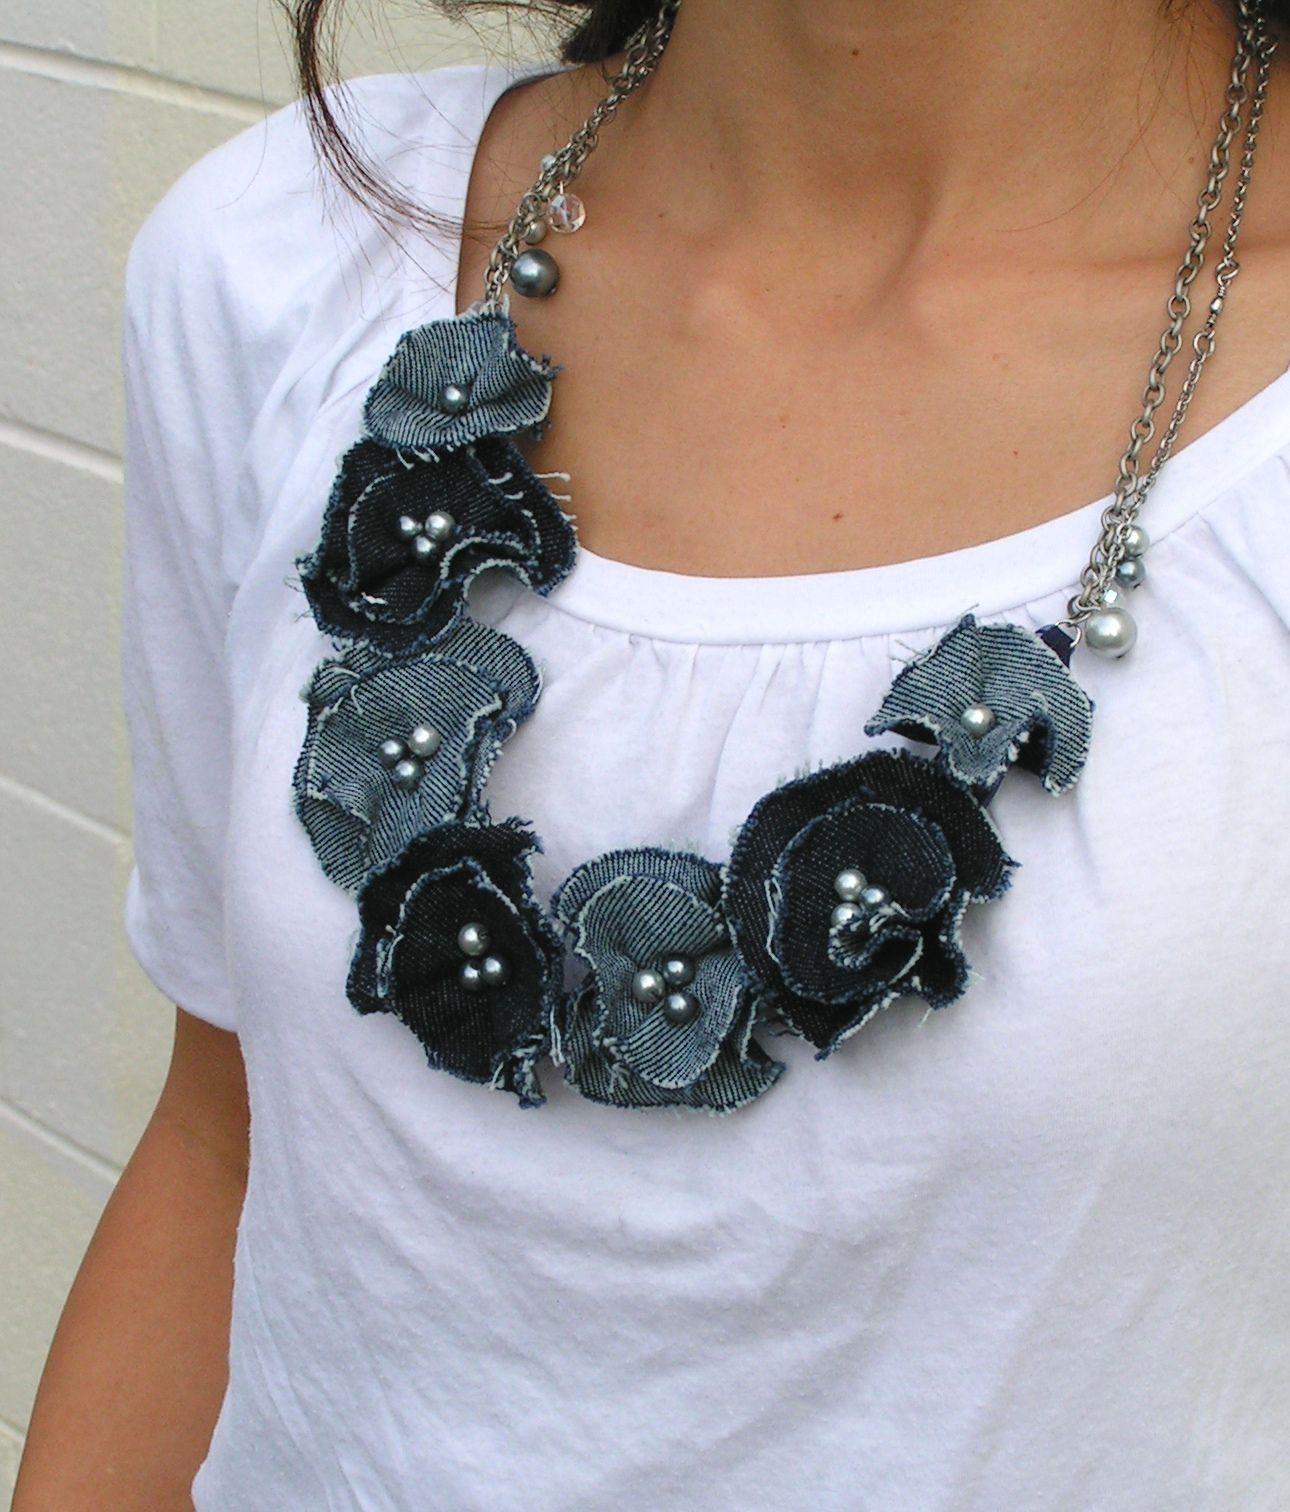 DIY - Denim flower necklace, Go To www.likegossip.com to get more Gossip News!